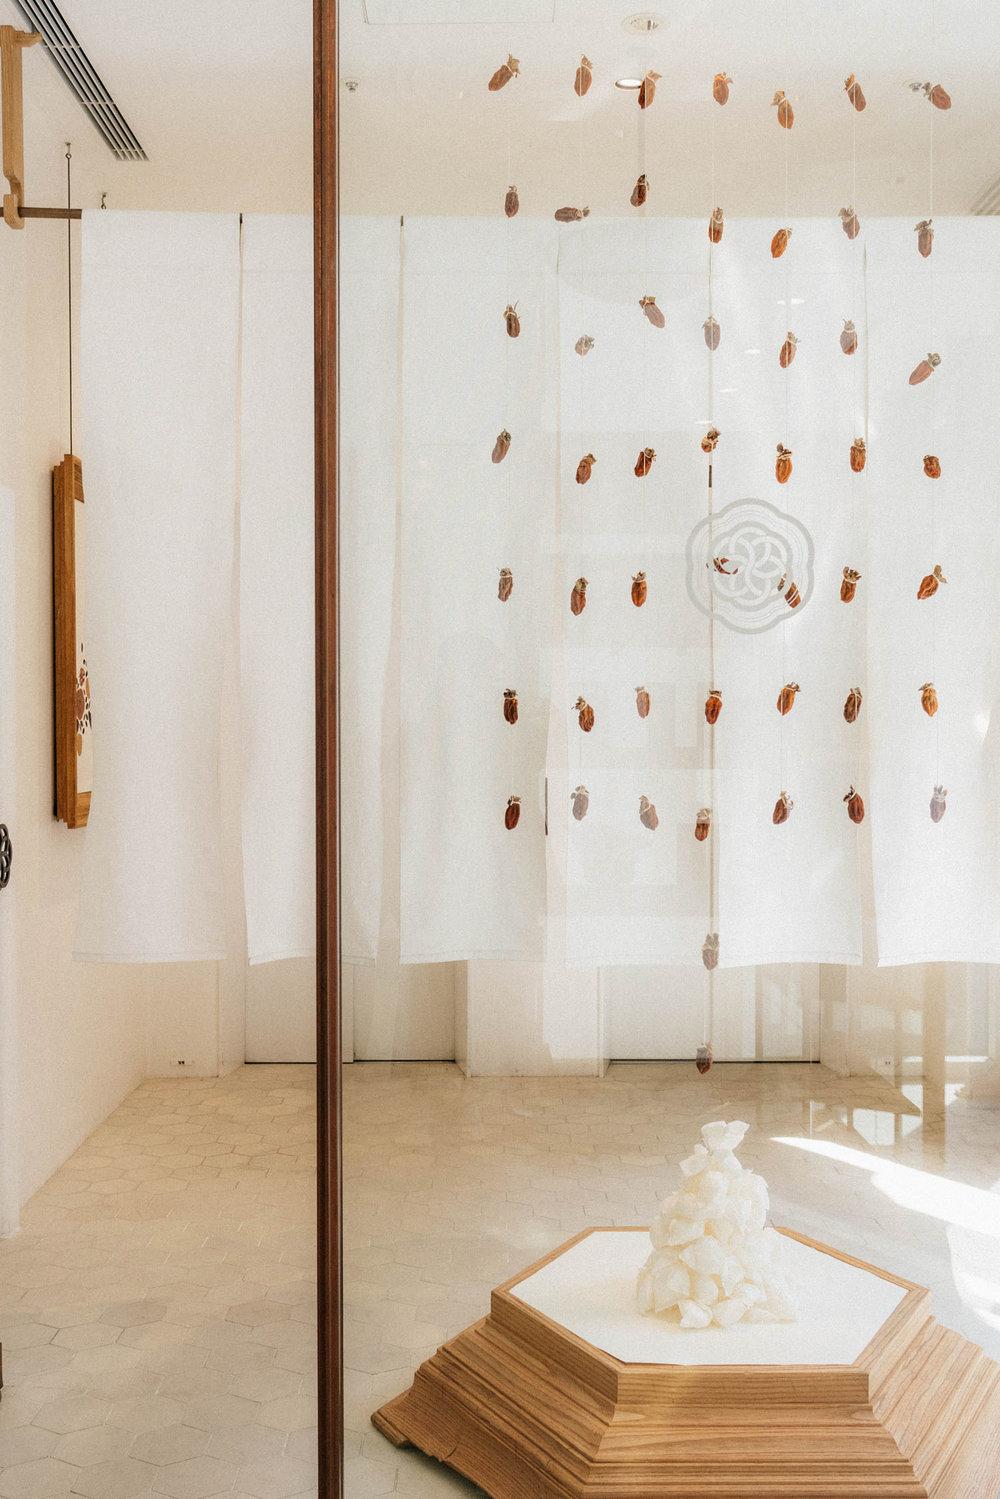 HIGASHIYA GINZA , an extraordinary wagashi/dessert shop and café